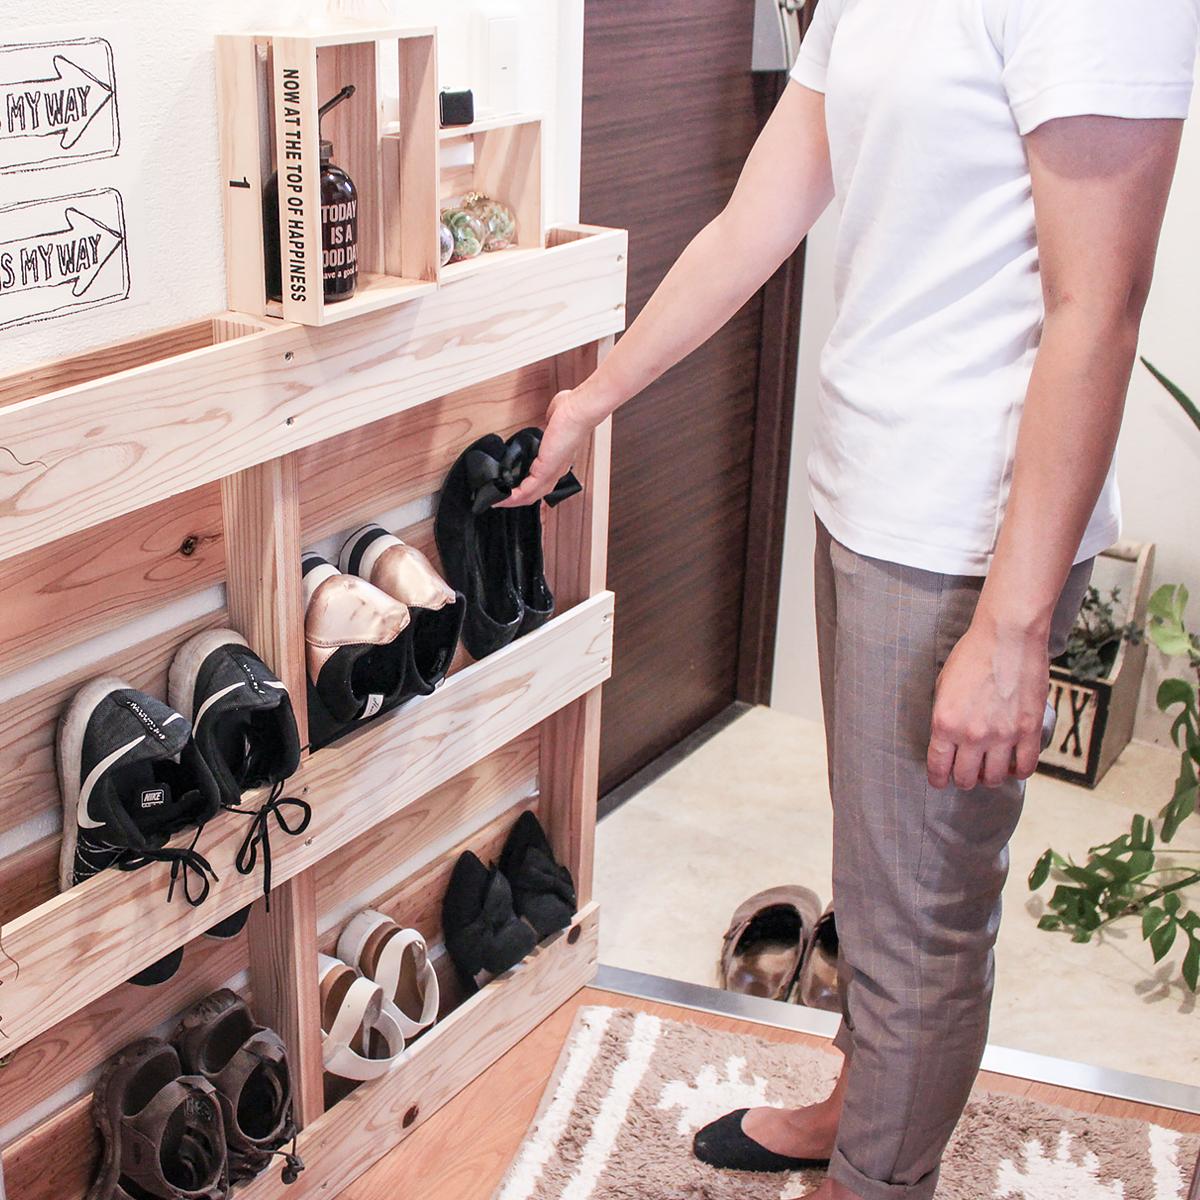 DIY FACTORY かさばる靴をスッキリ収納!パレットで作るシューズラック